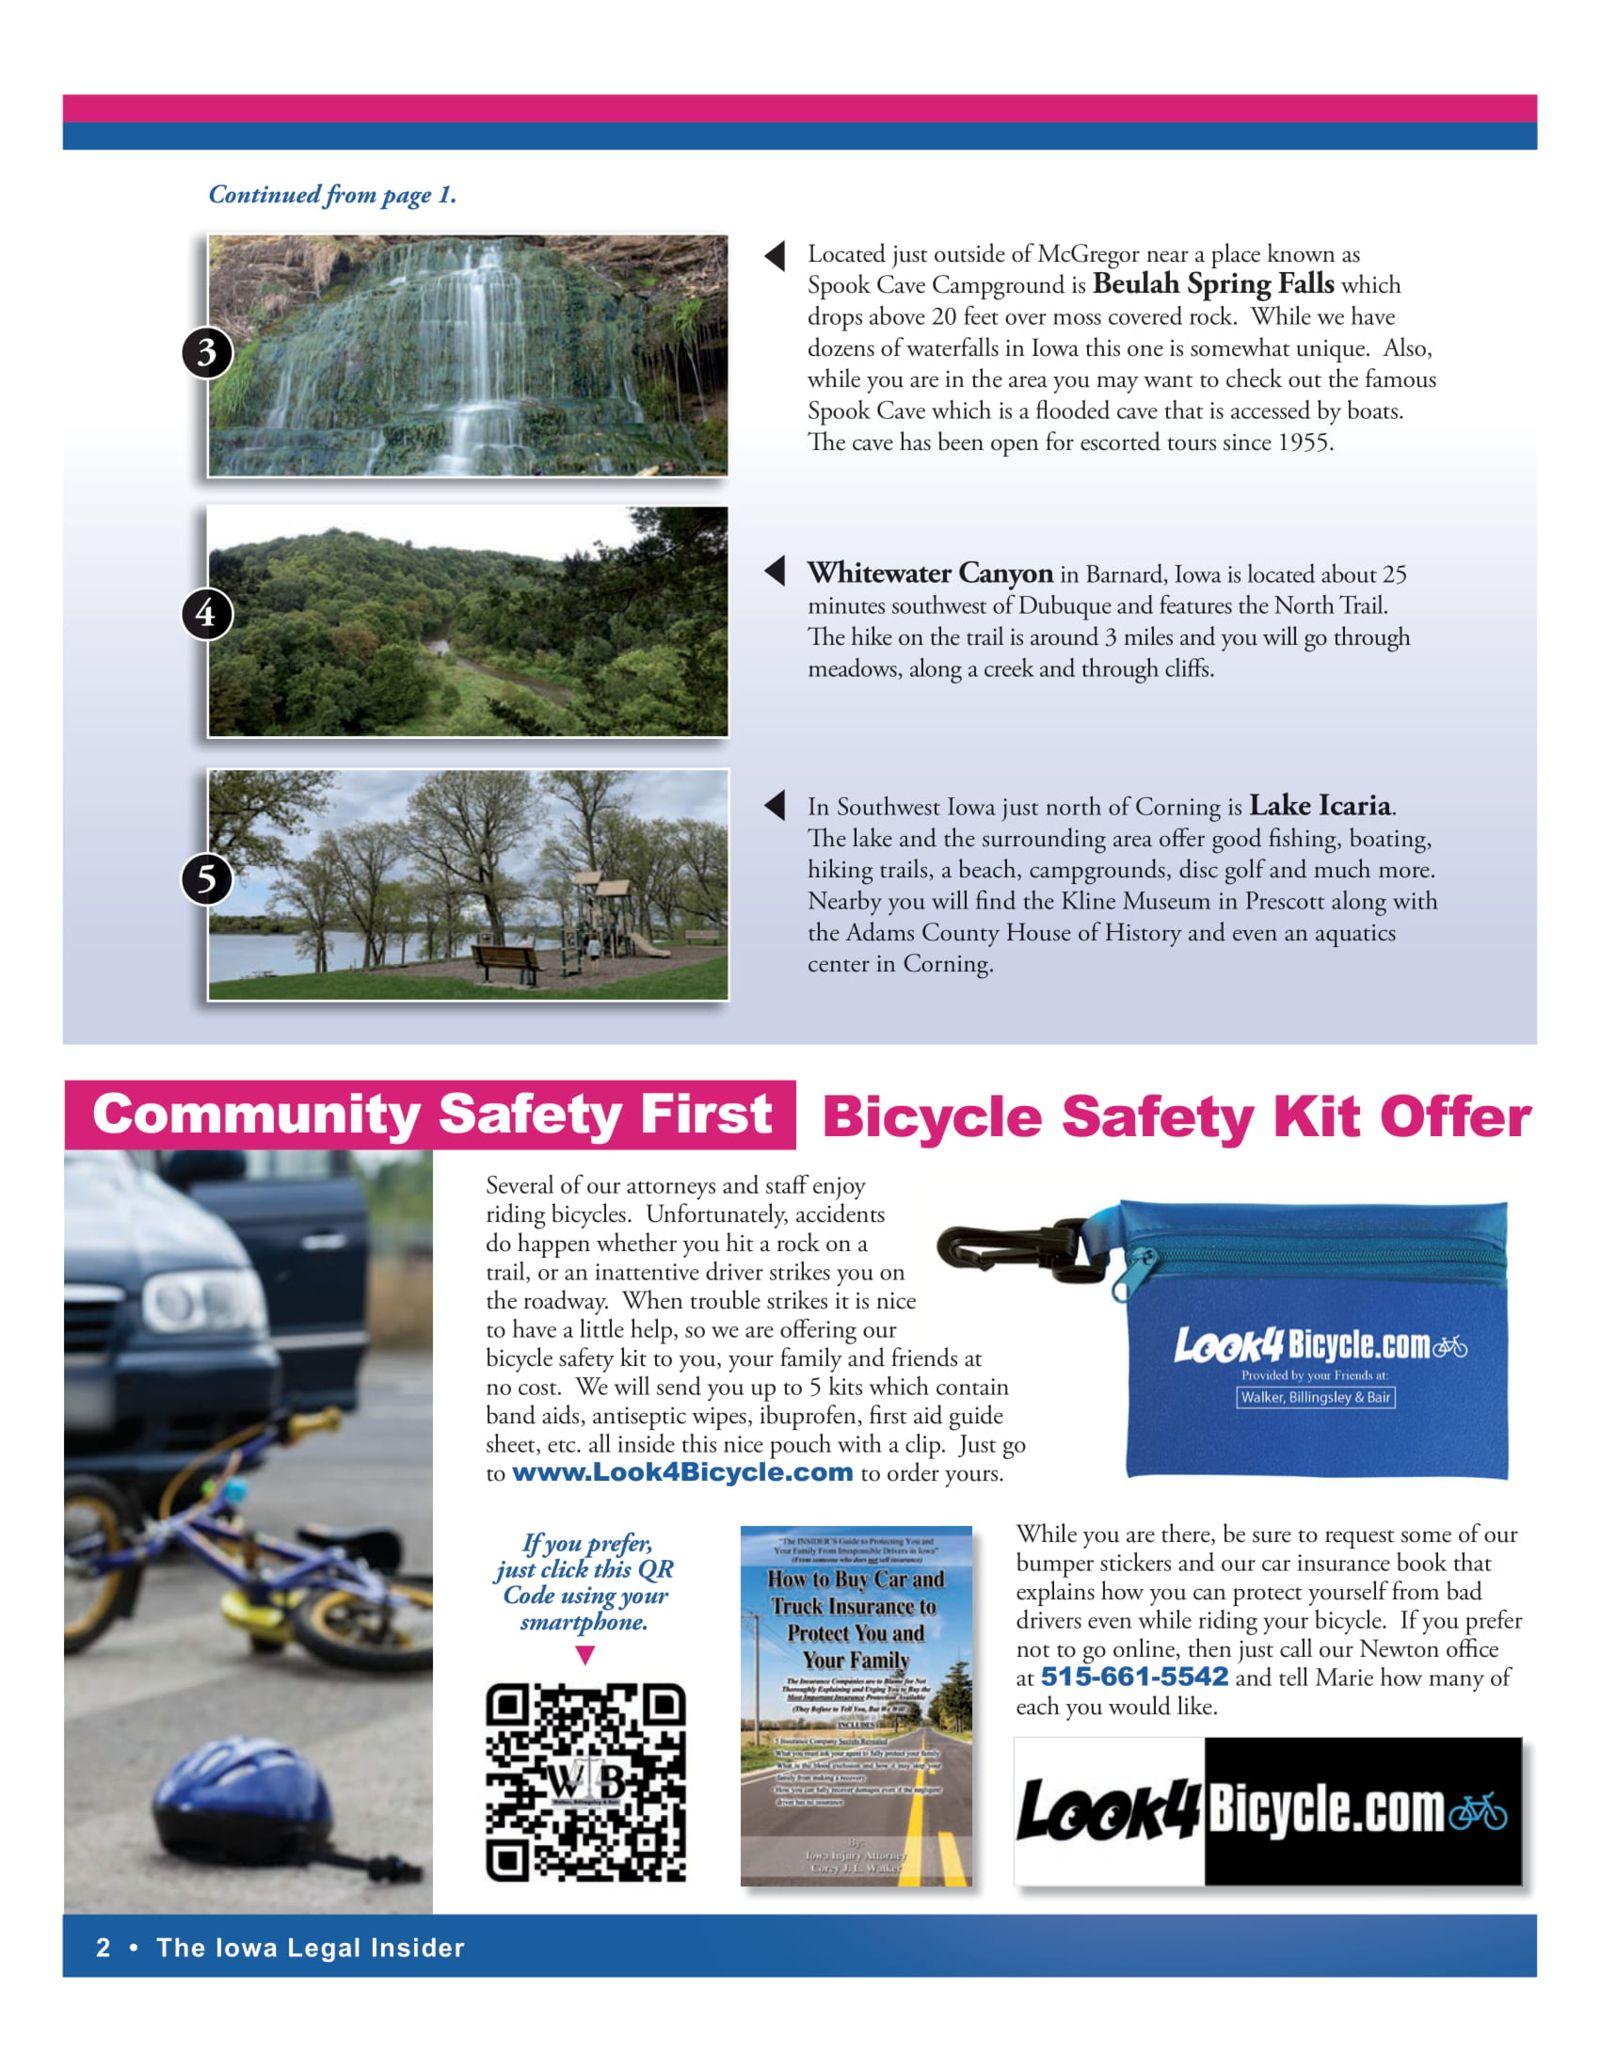 bicycle safety Kit